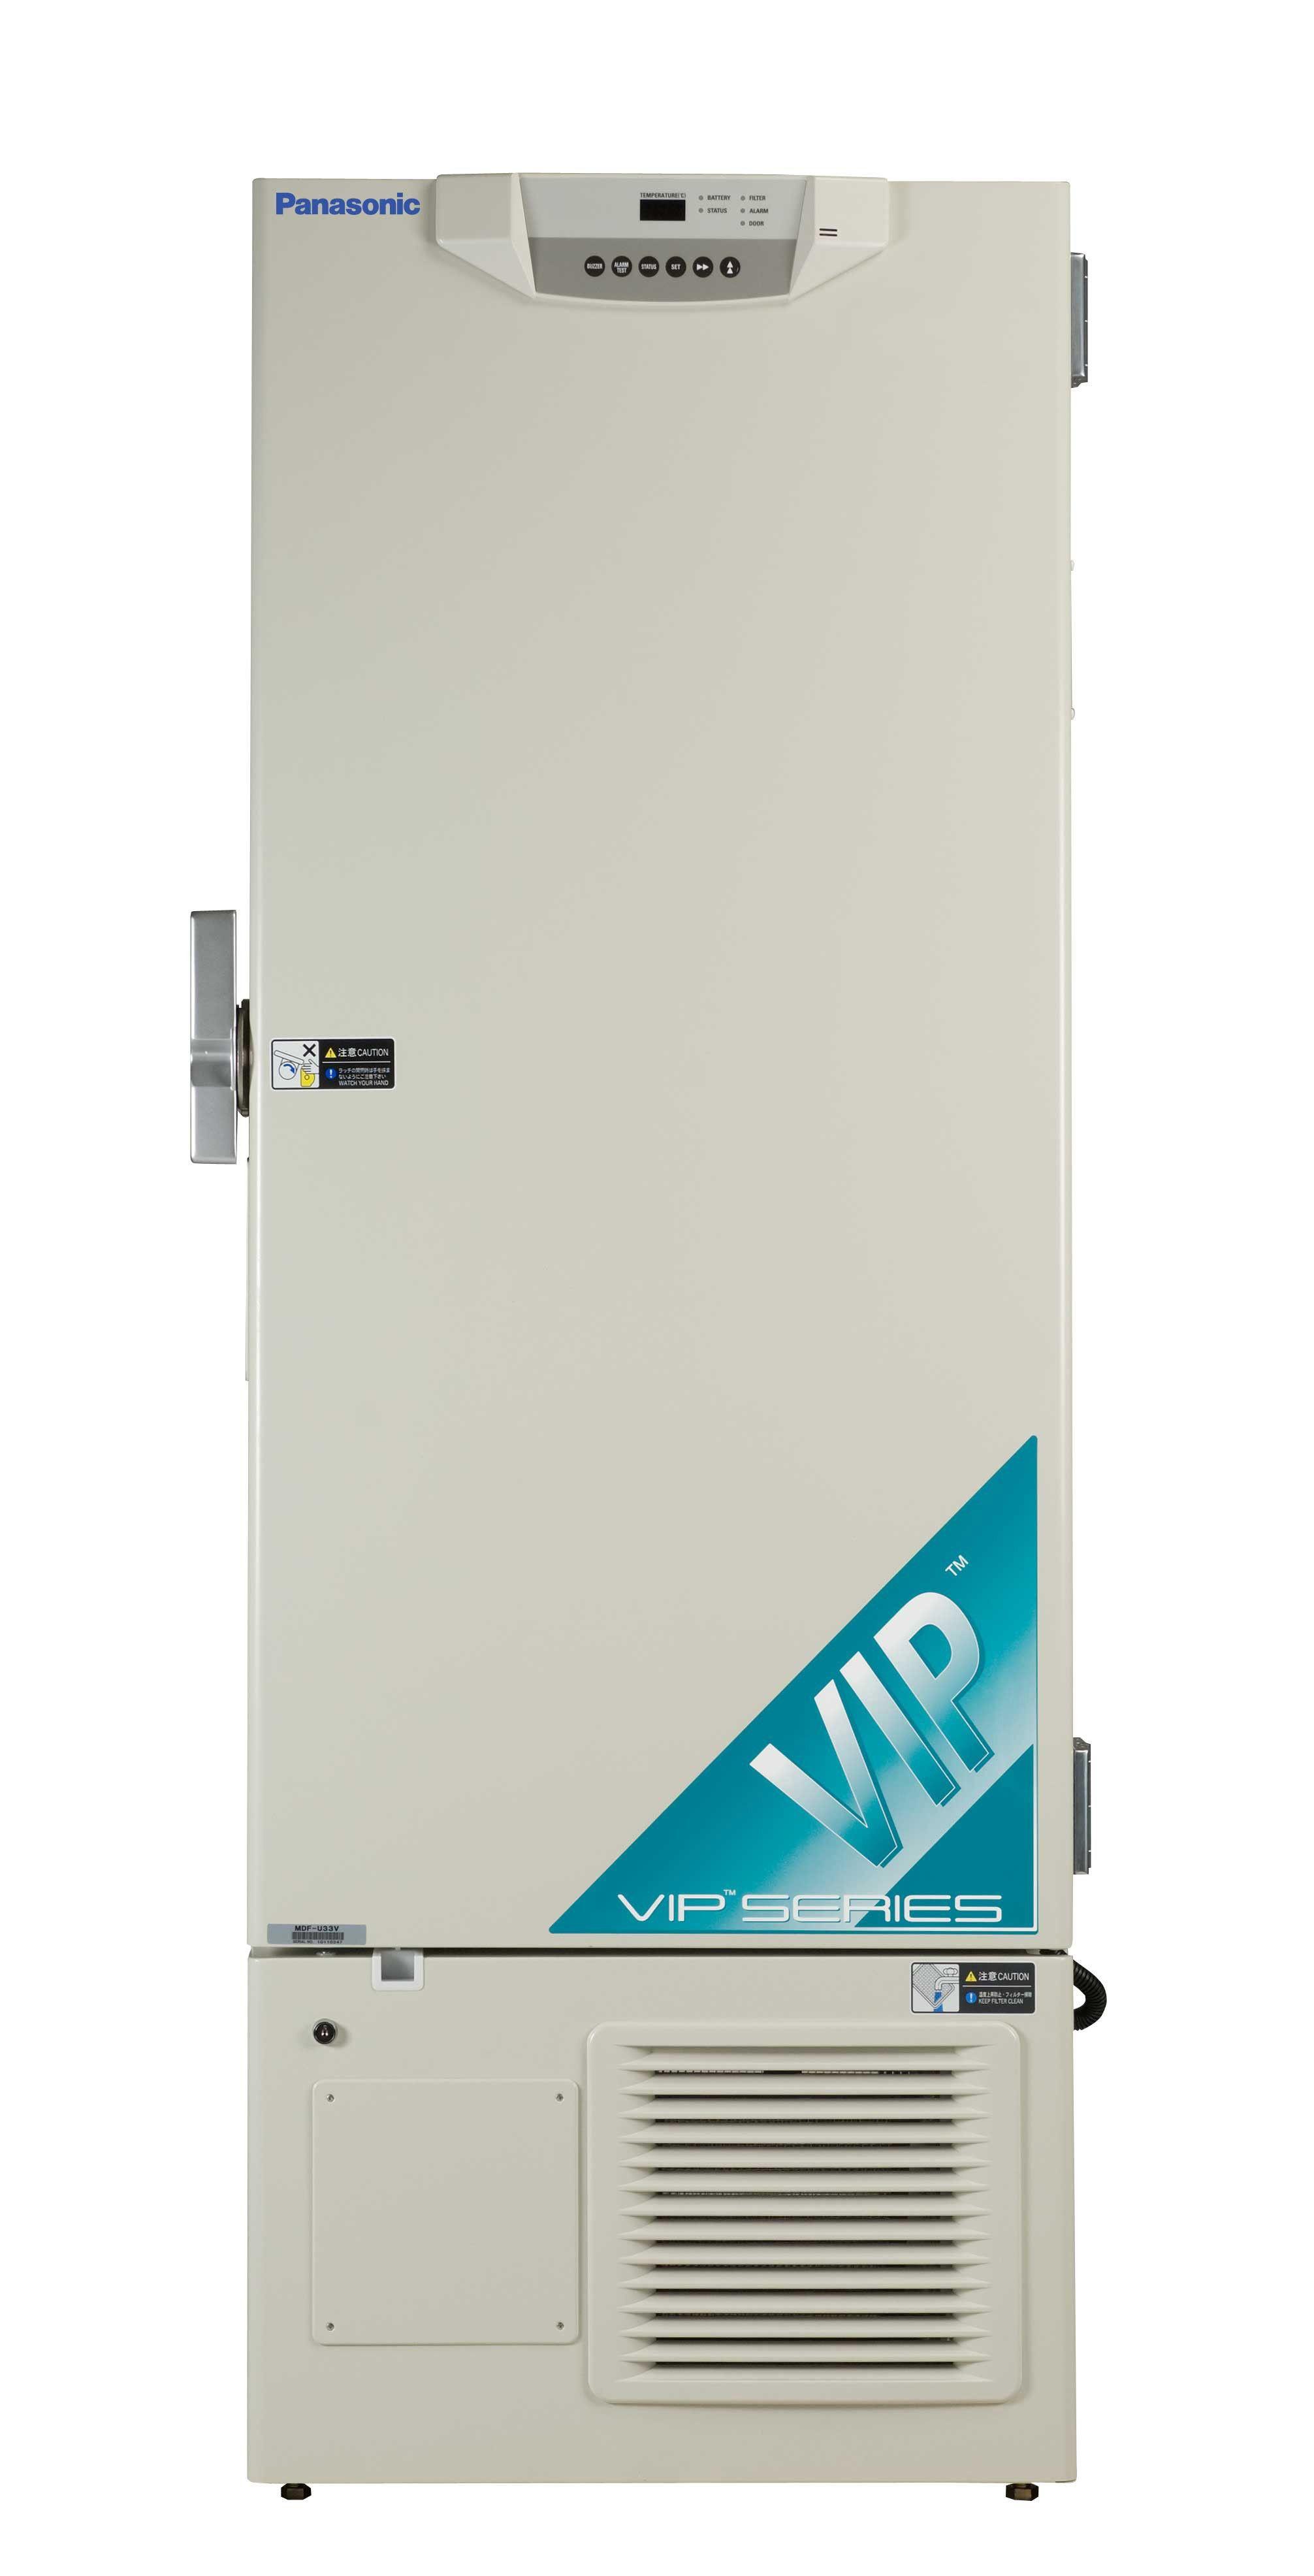 Congelateur Armoire 360 Litres Congelateur Armoire 360 Litres Siemens Gs58naw45 Congelateur Armoire 360l Froid Siemens G Air Conditioner Home Appliances Home